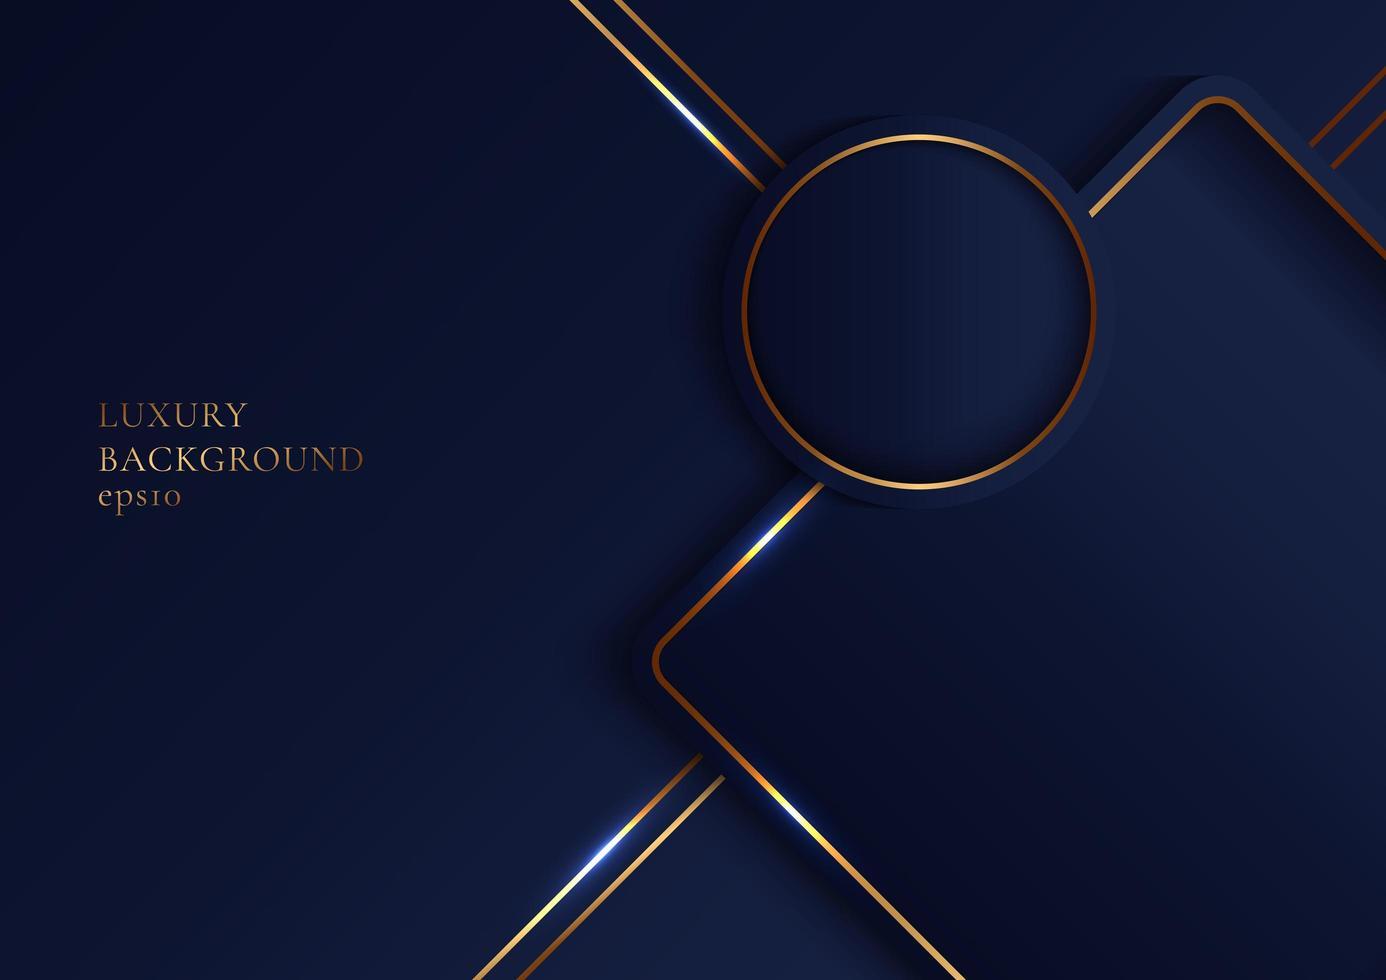 superpositions géométriques élégantes abstraites avec des rayures dorées vecteur